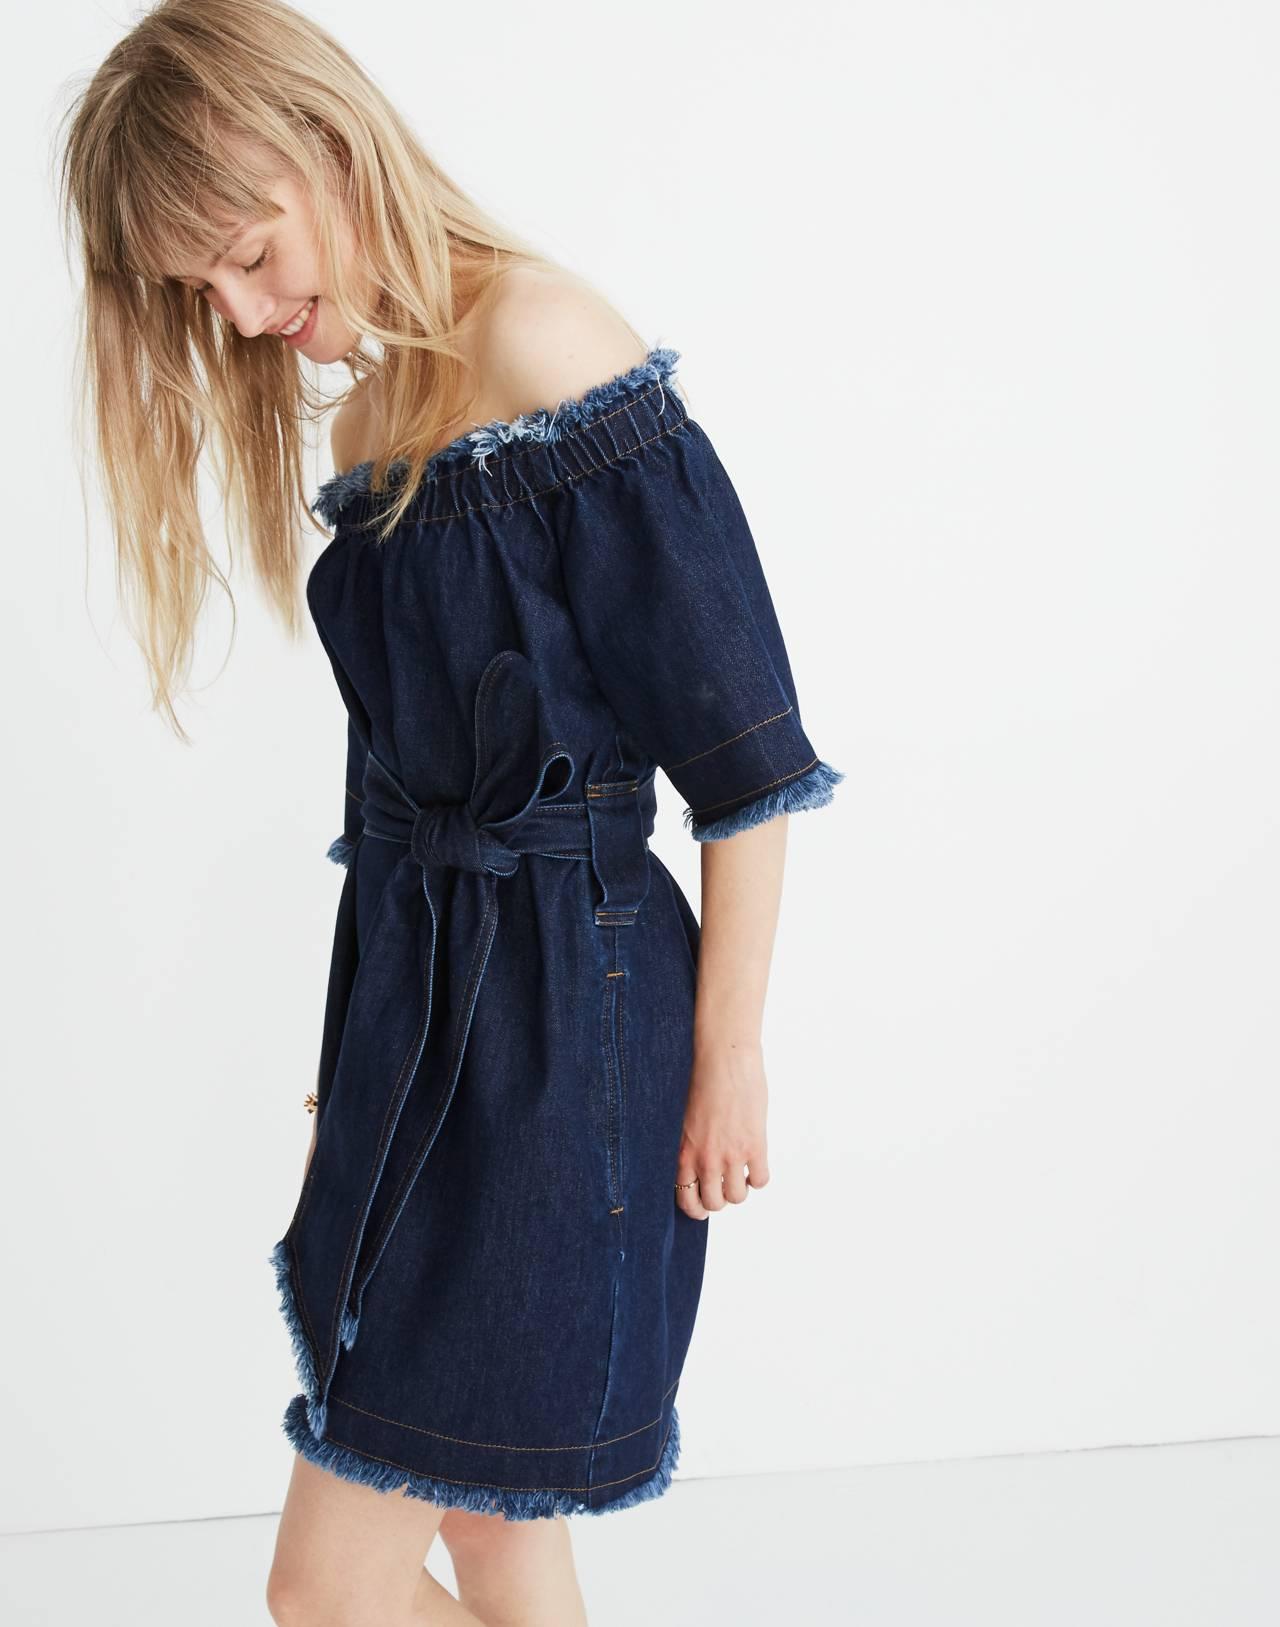 Madewell x Karen Walker® Fathom Denim Off-the-Shoulder Dress in walker wash image 2